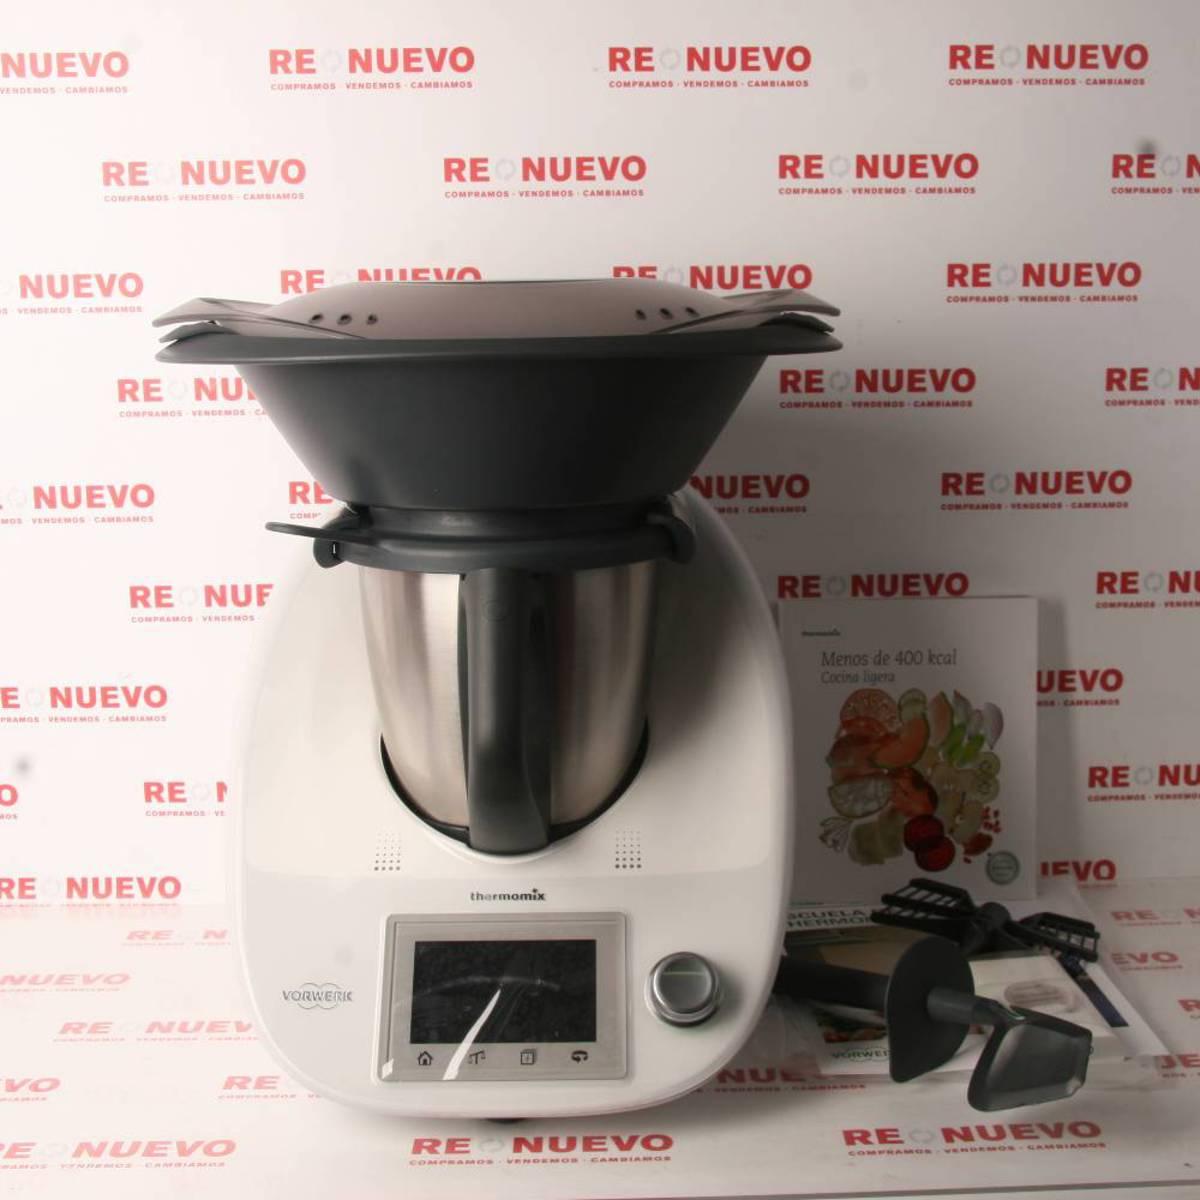 Genial robot cocina thermomix precio fotos por que no voy - Robot de cocina lidl opiniones ...